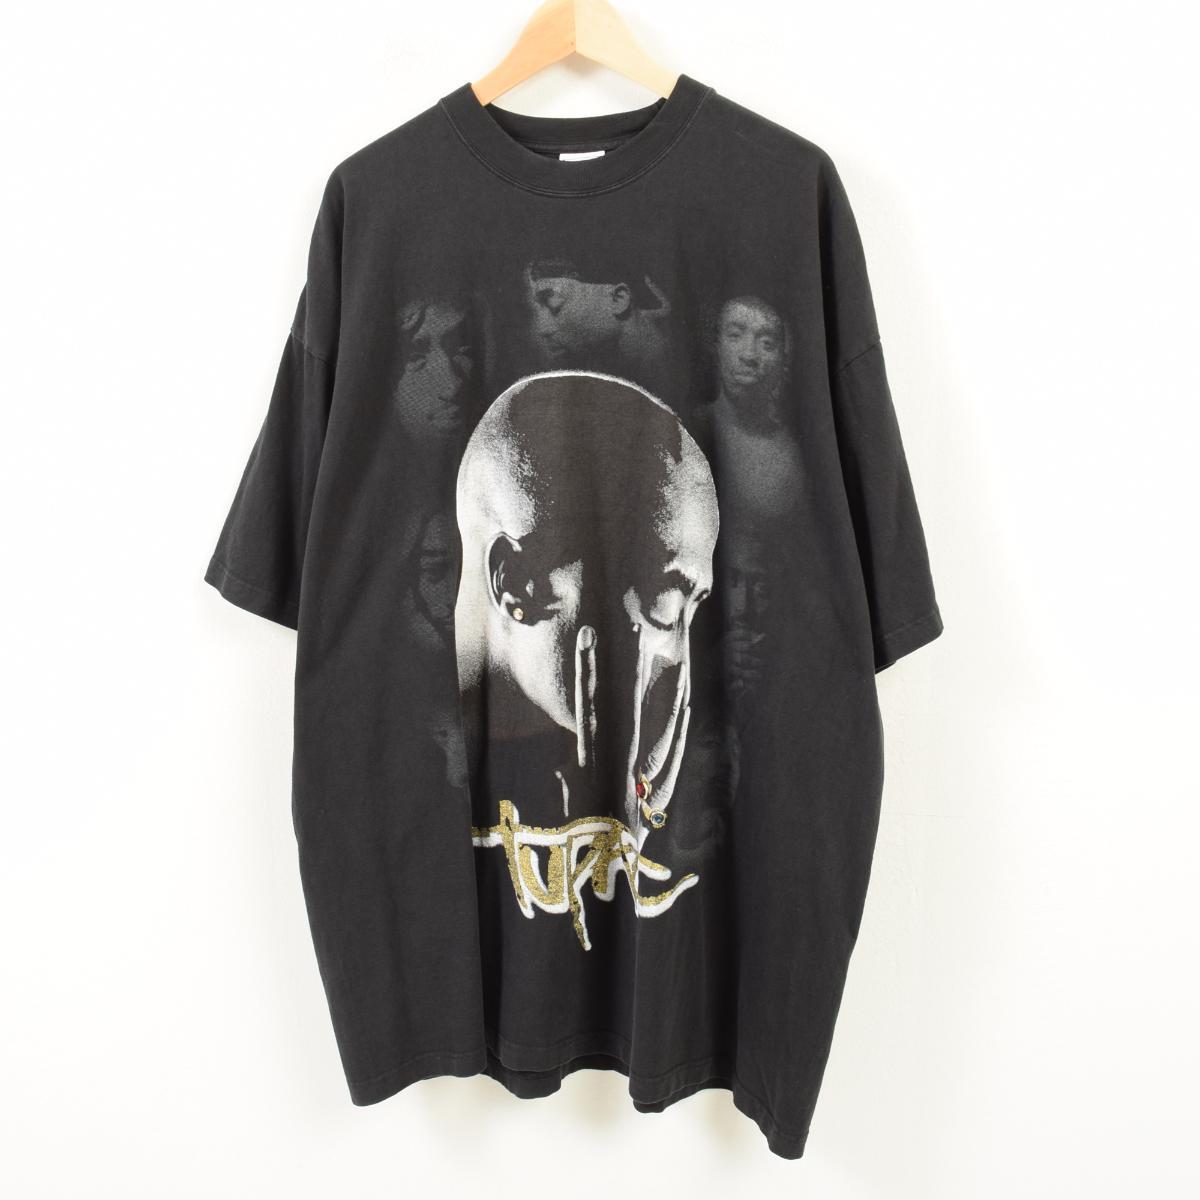 ビッグサイズ JOHN SON 2pac トゥーパック バンドTシャツ メンズ3XL /waq3058 【中古】 【180428】